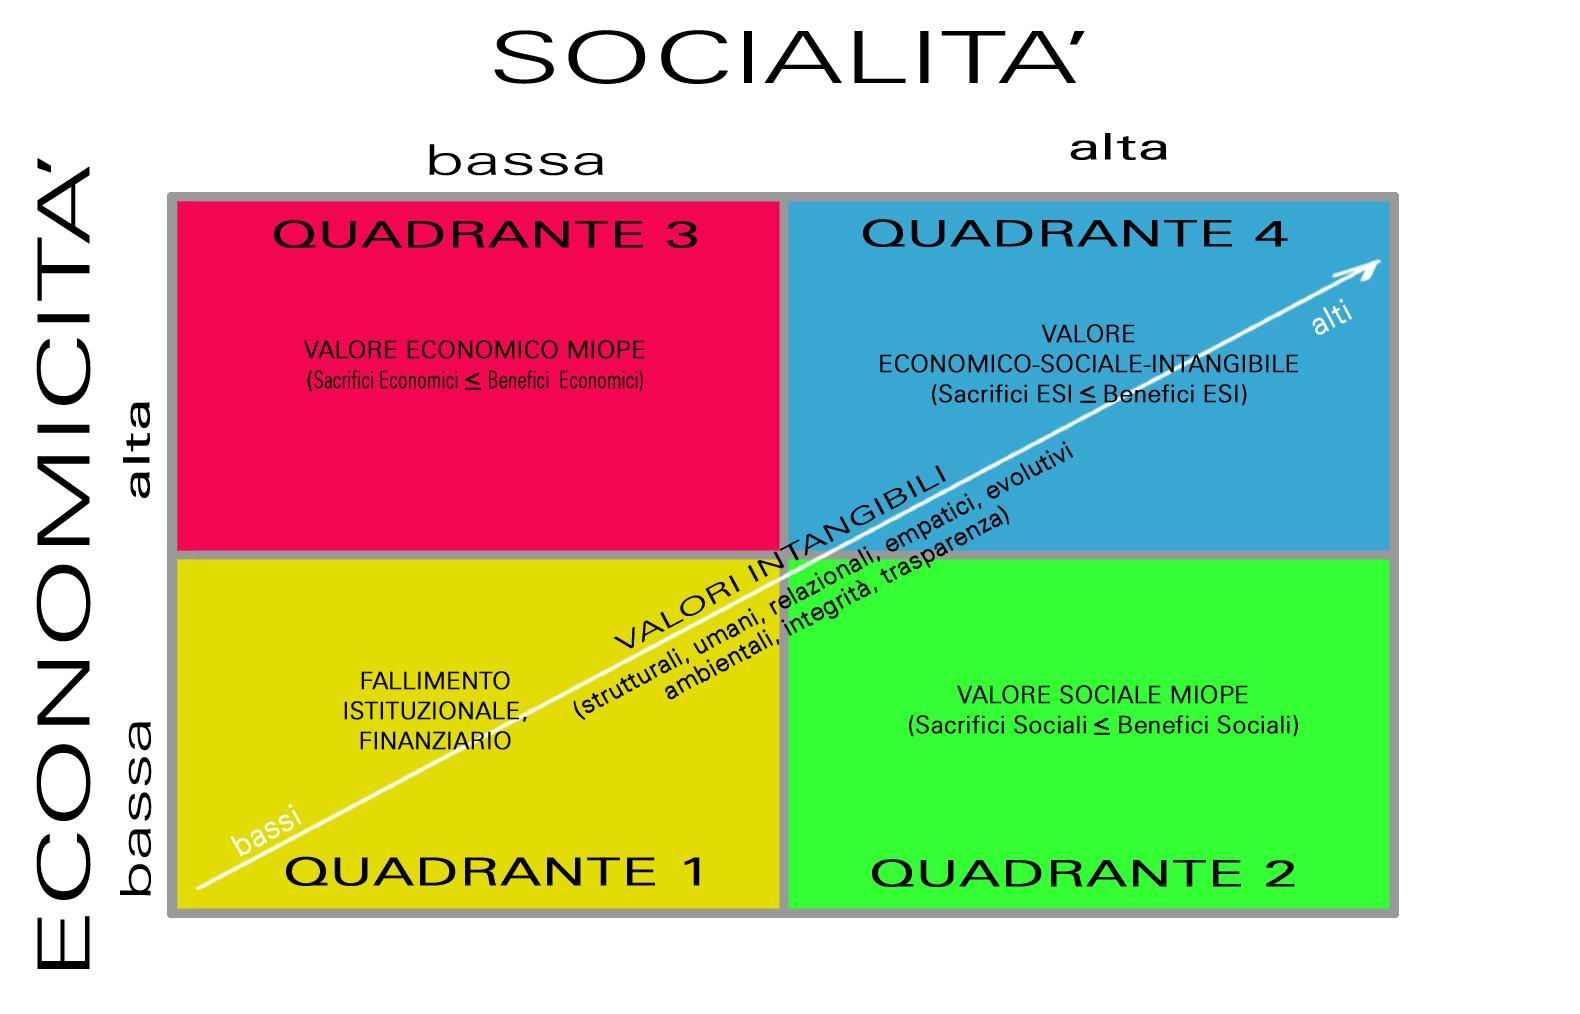 pubblica-amministrazione-italiana